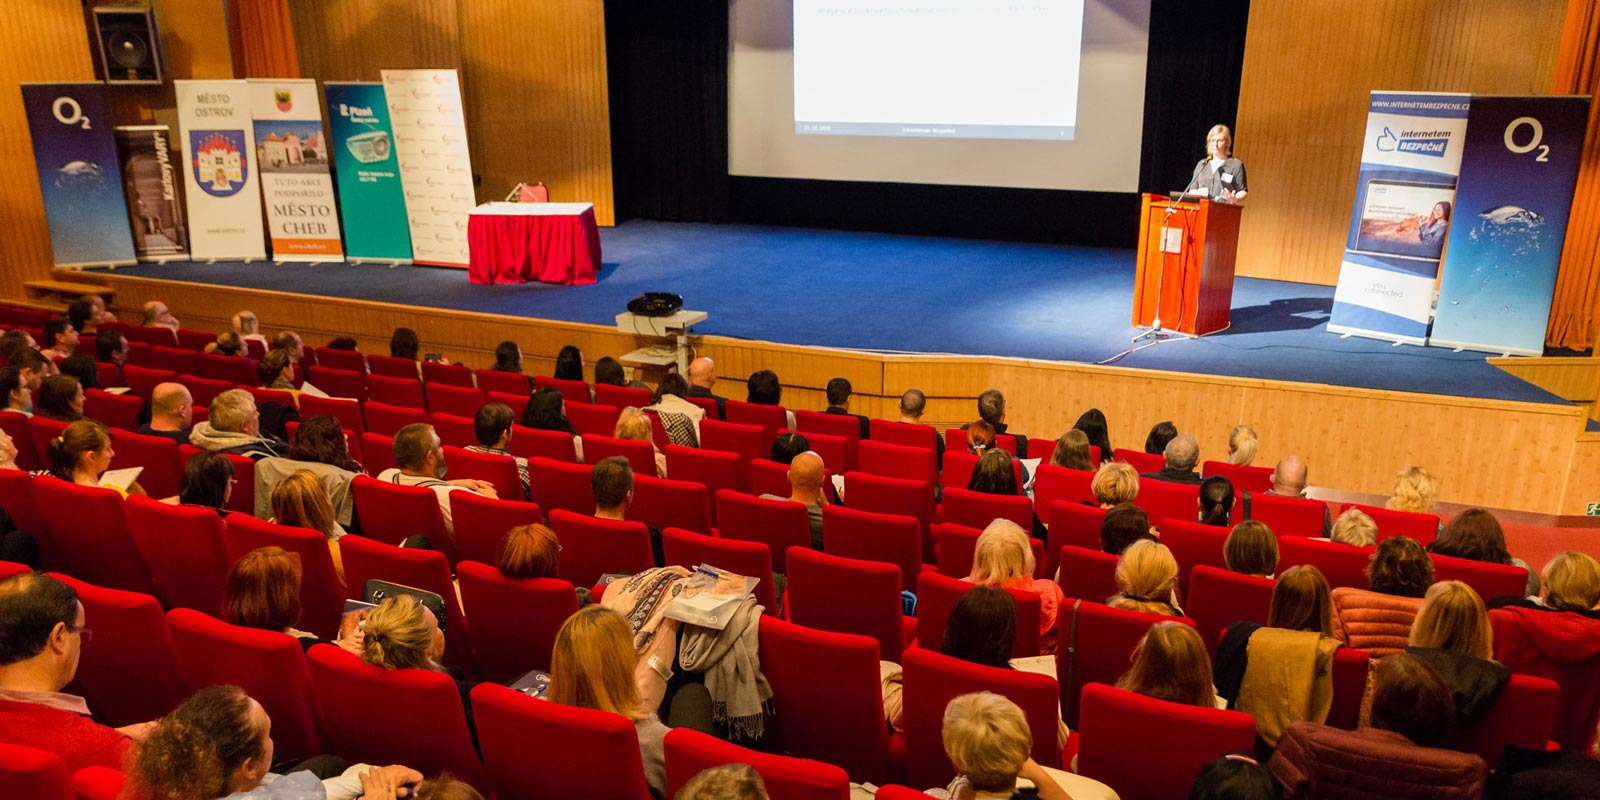 Konference INTERNETEM BEZPEČNĚ 2018 úspěšně proběhla